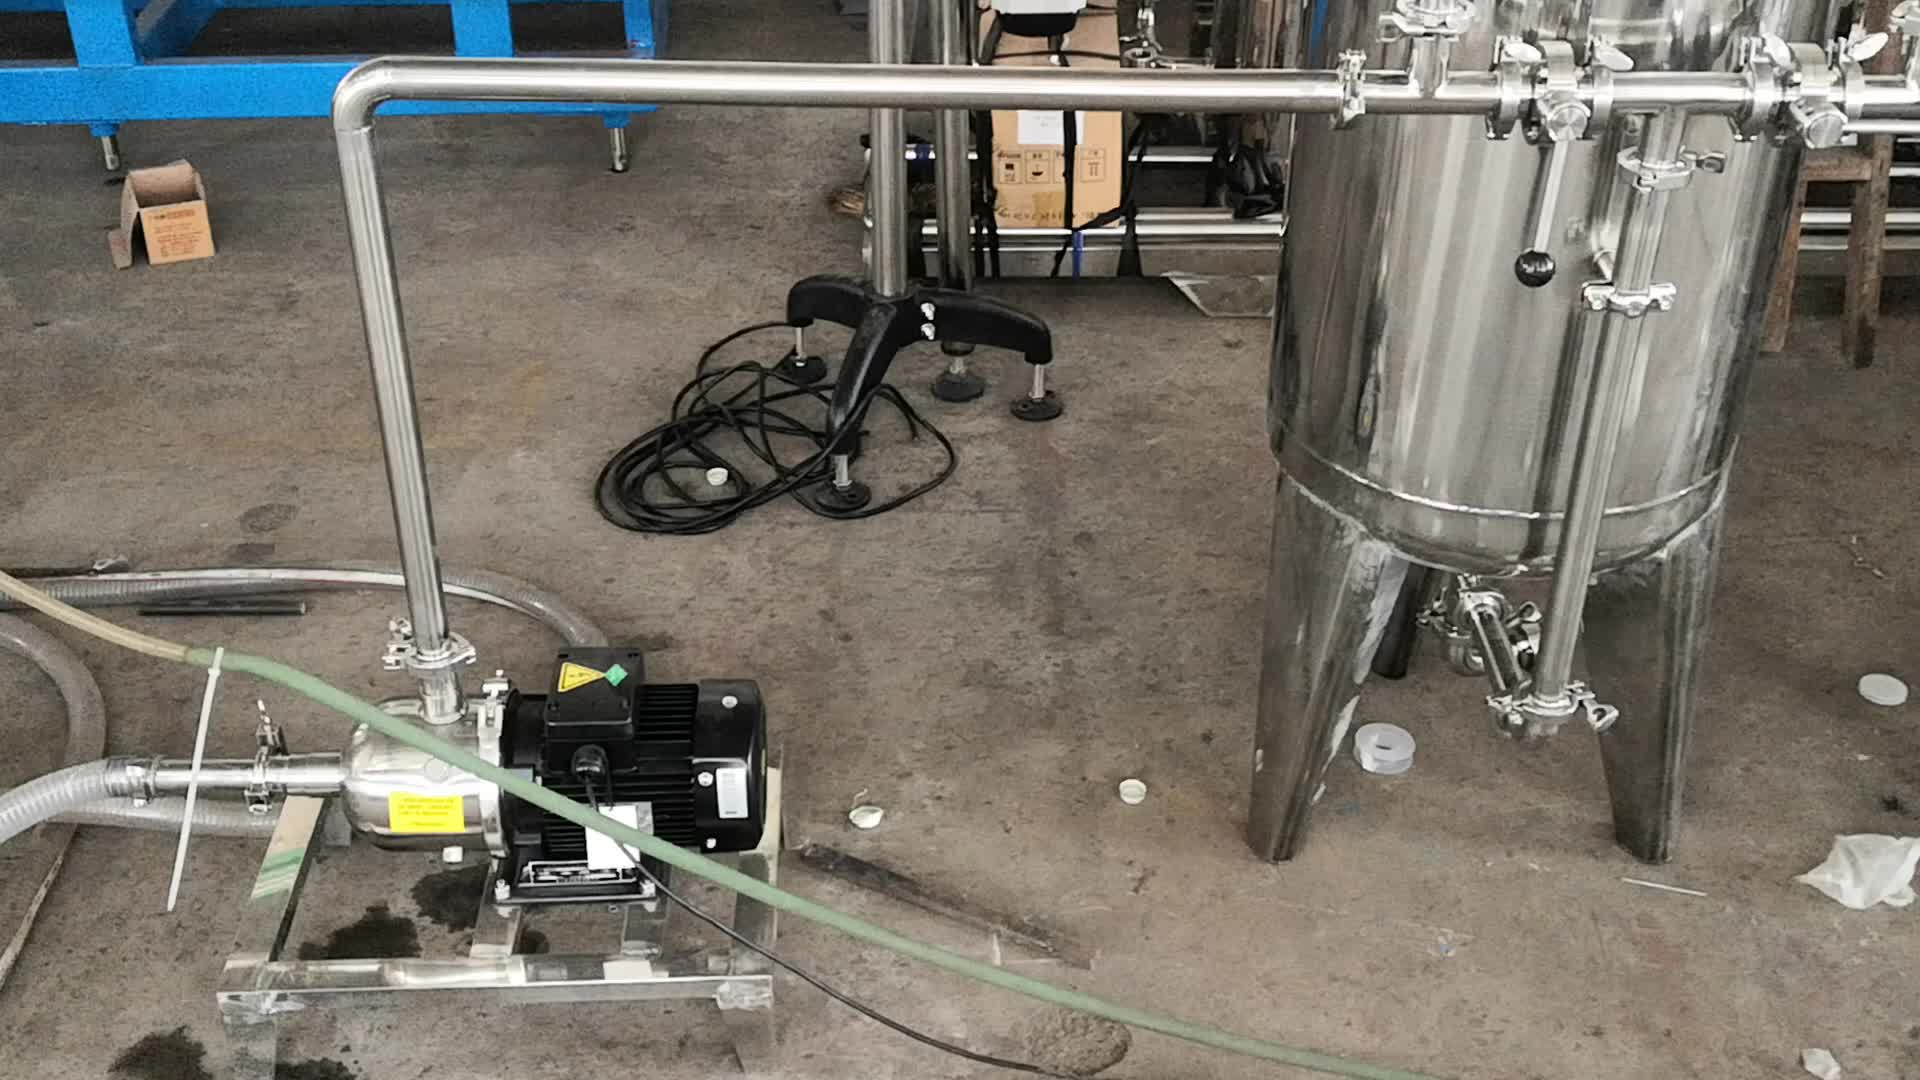 छोटे पैमाने पर उत्पादन के लिए बॉटलिंग लाइन पूर्ण शुद्ध पानी संयंत्र